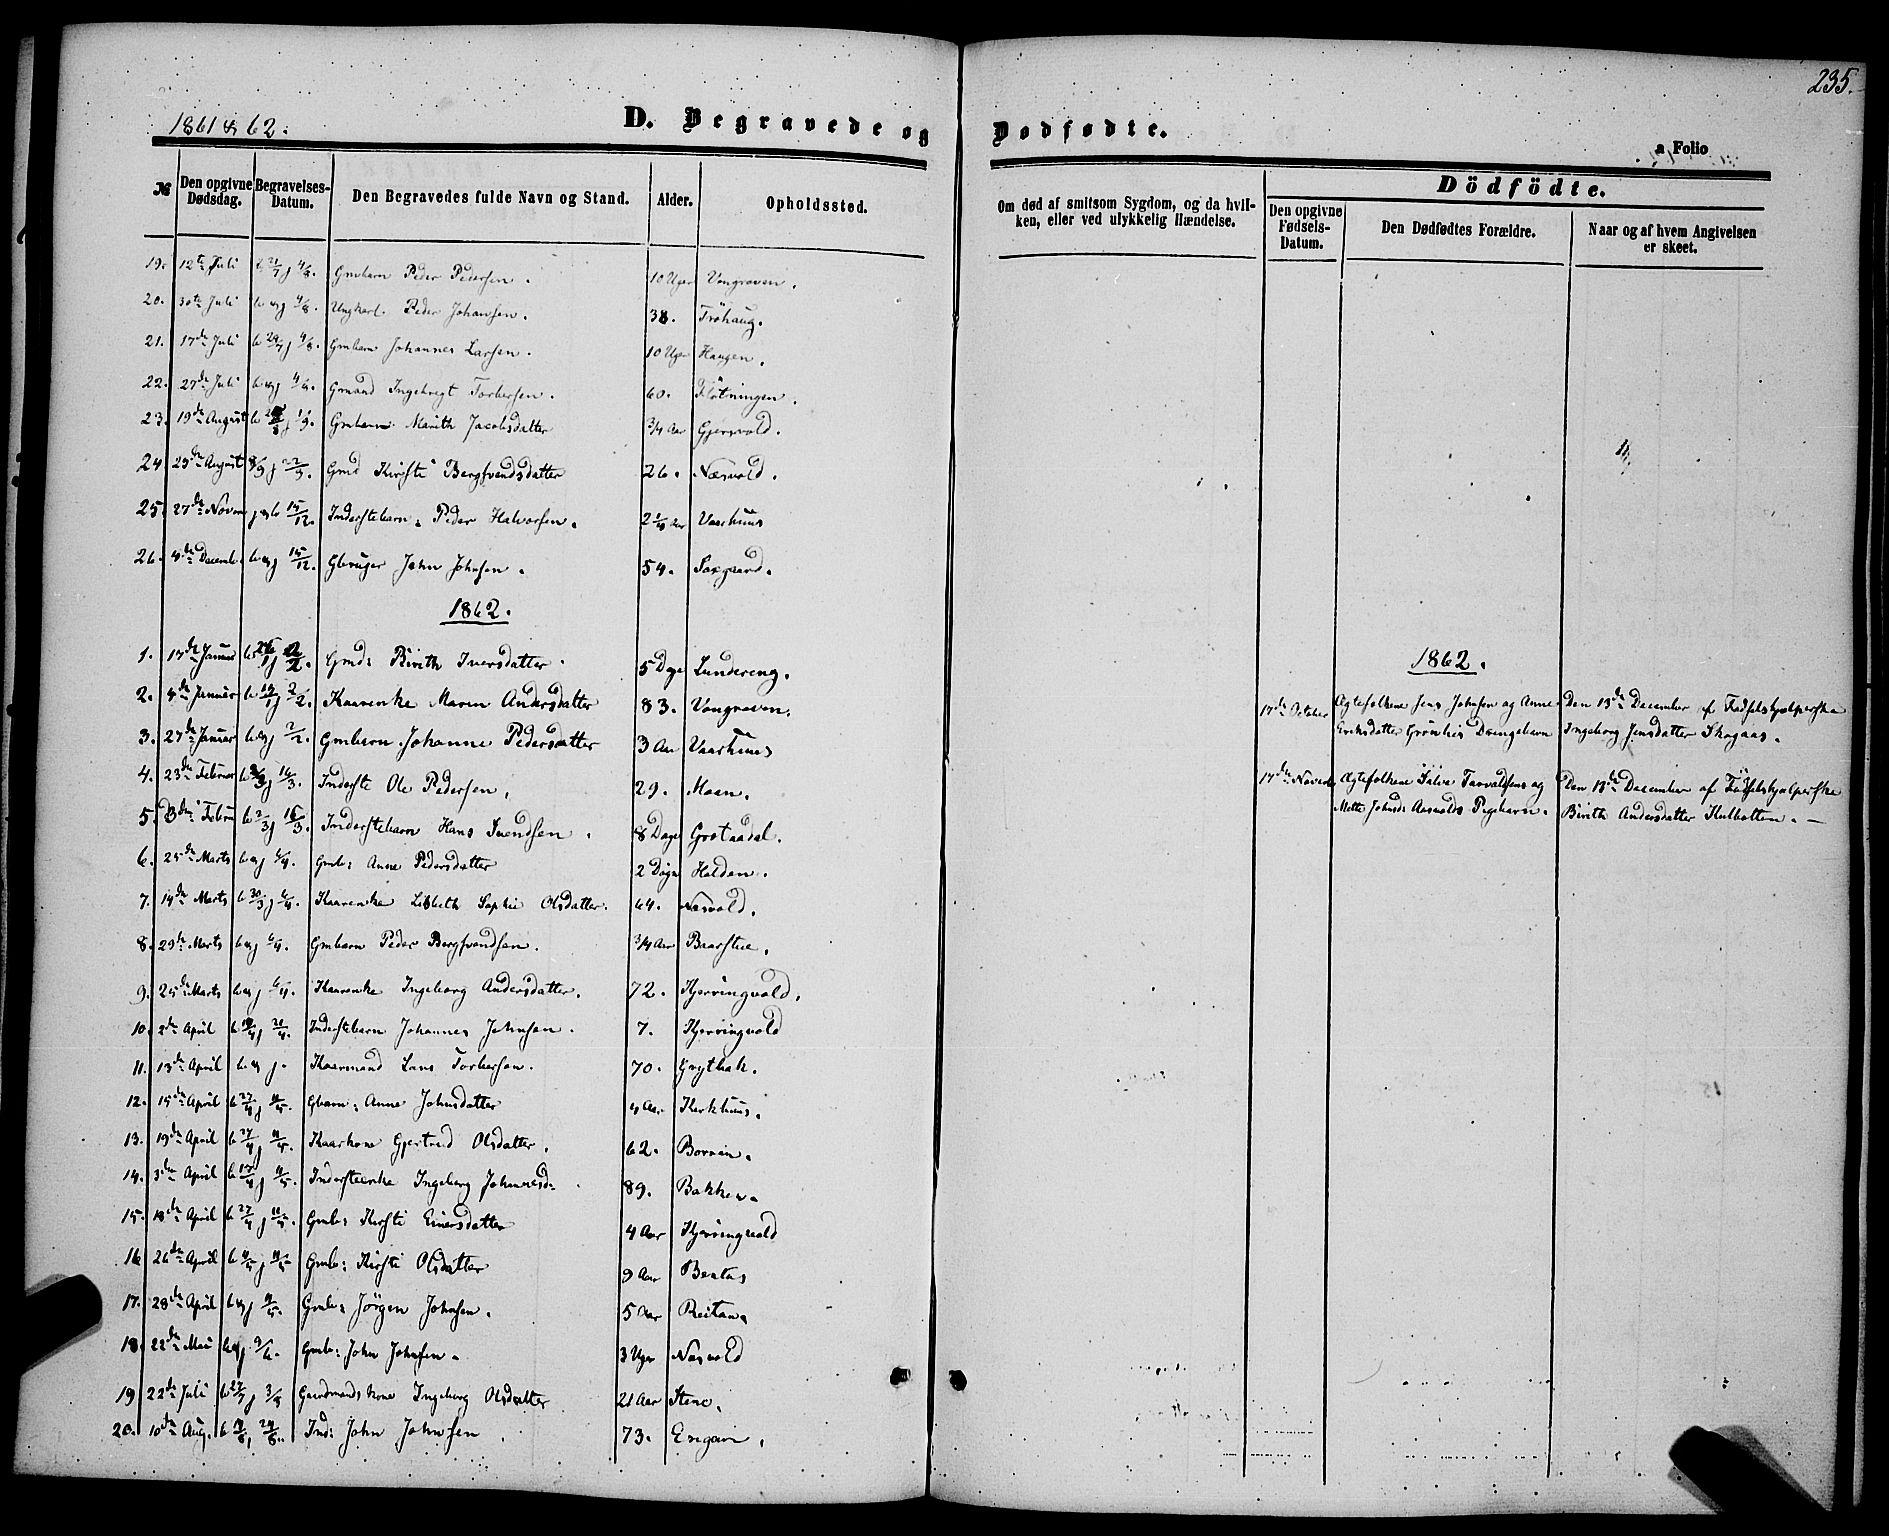 SAT, Ministerialprotokoller, klokkerbøker og fødselsregistre - Sør-Trøndelag, 685/L0968: Ministerialbok nr. 685A07 /3, 1860-1869, s. 235